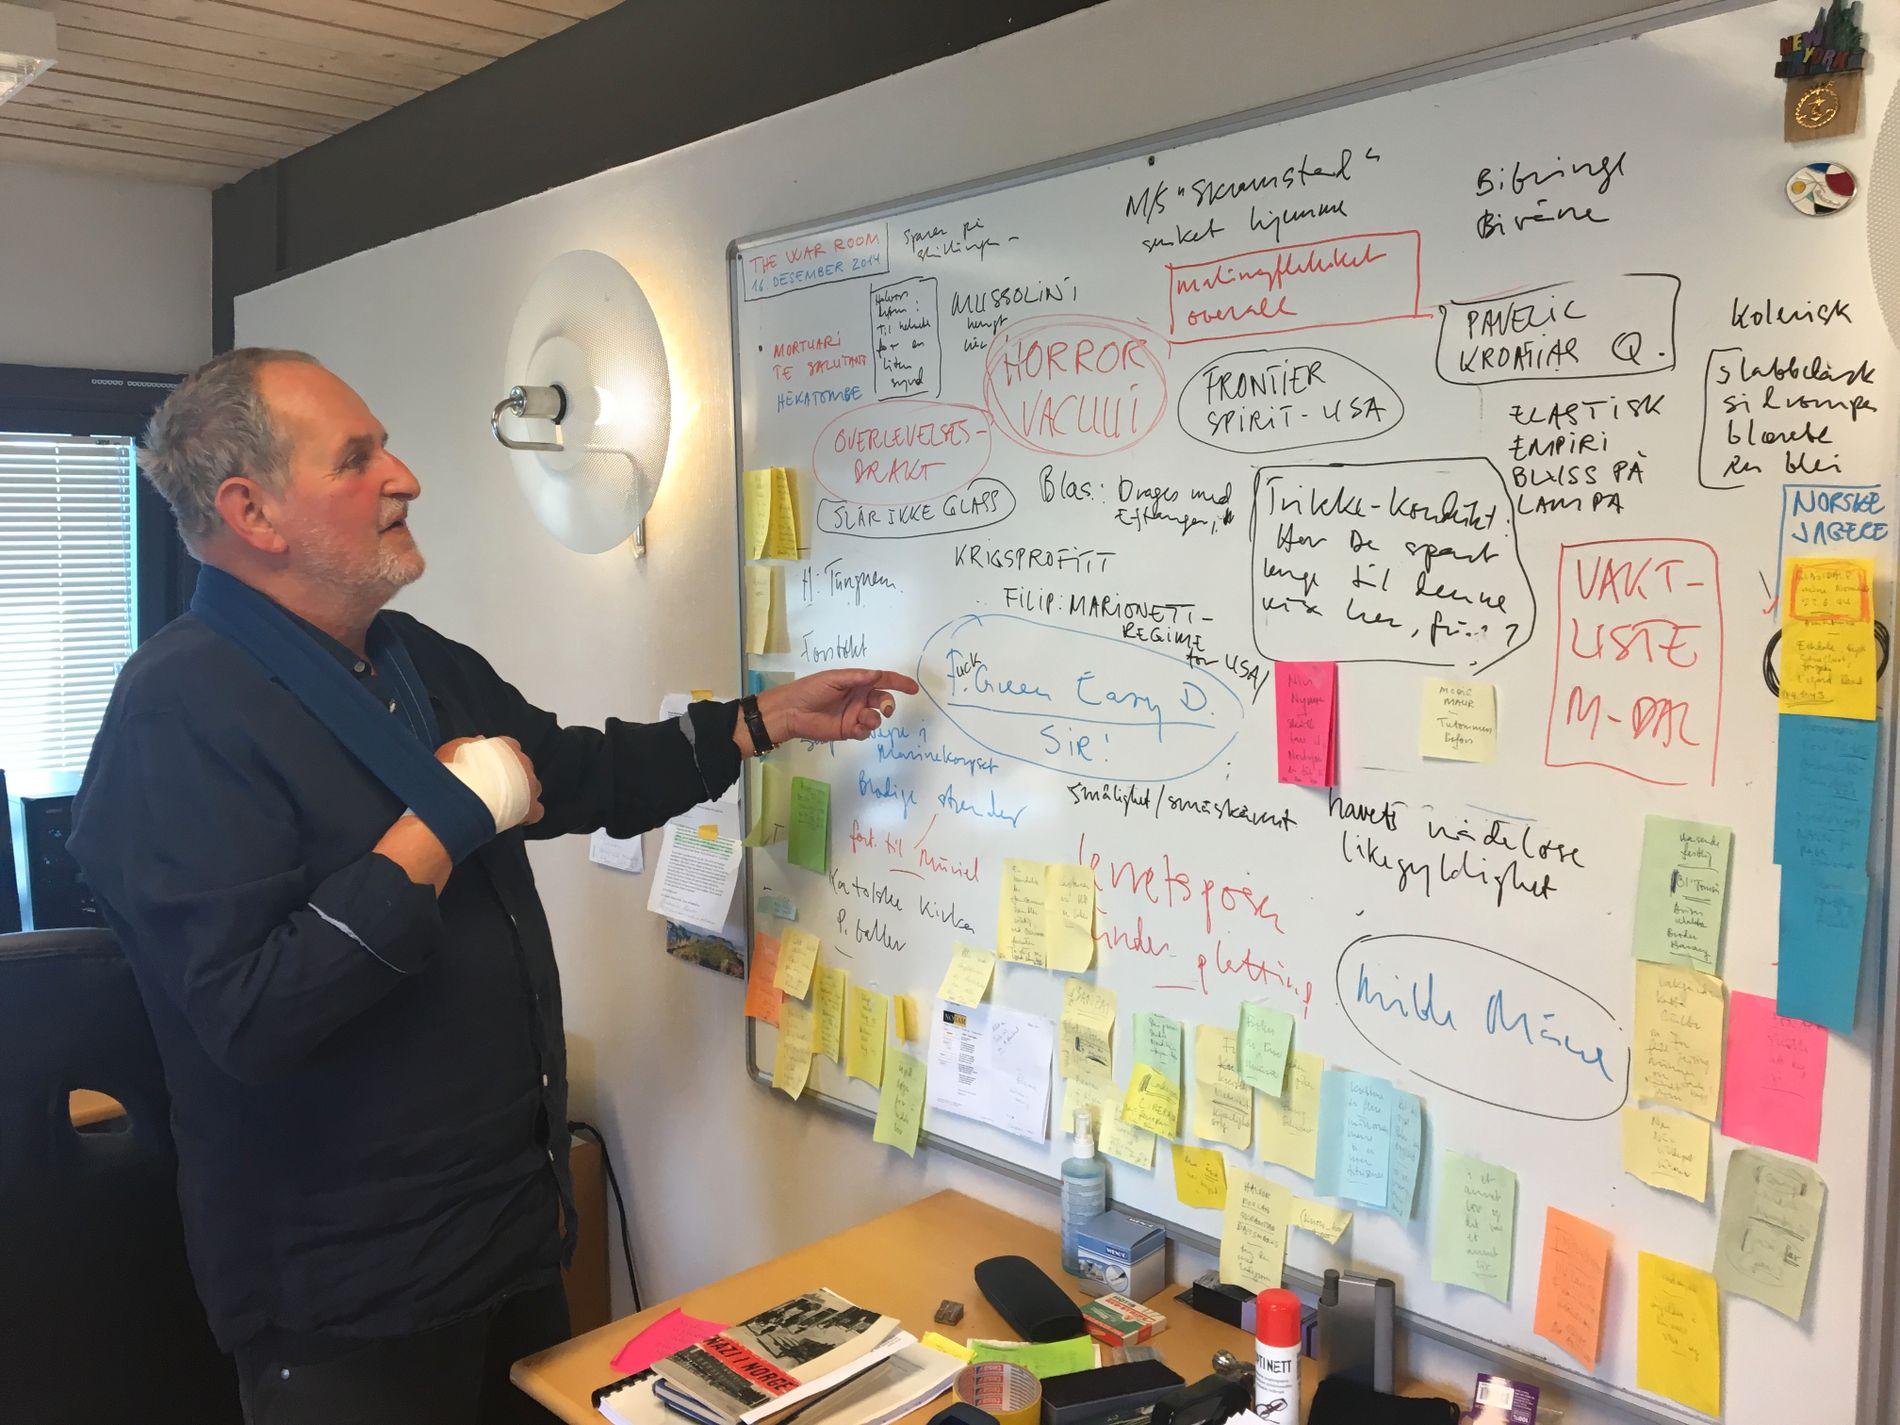 KRIGSROMMET: Jon Michelet kaller kontoret sitt i Halmstad i Østfold for krigsrommet. På denne tavlen skriver han ned alle ideene som dukker opp Foto: JØRN PETTERSEN/VG